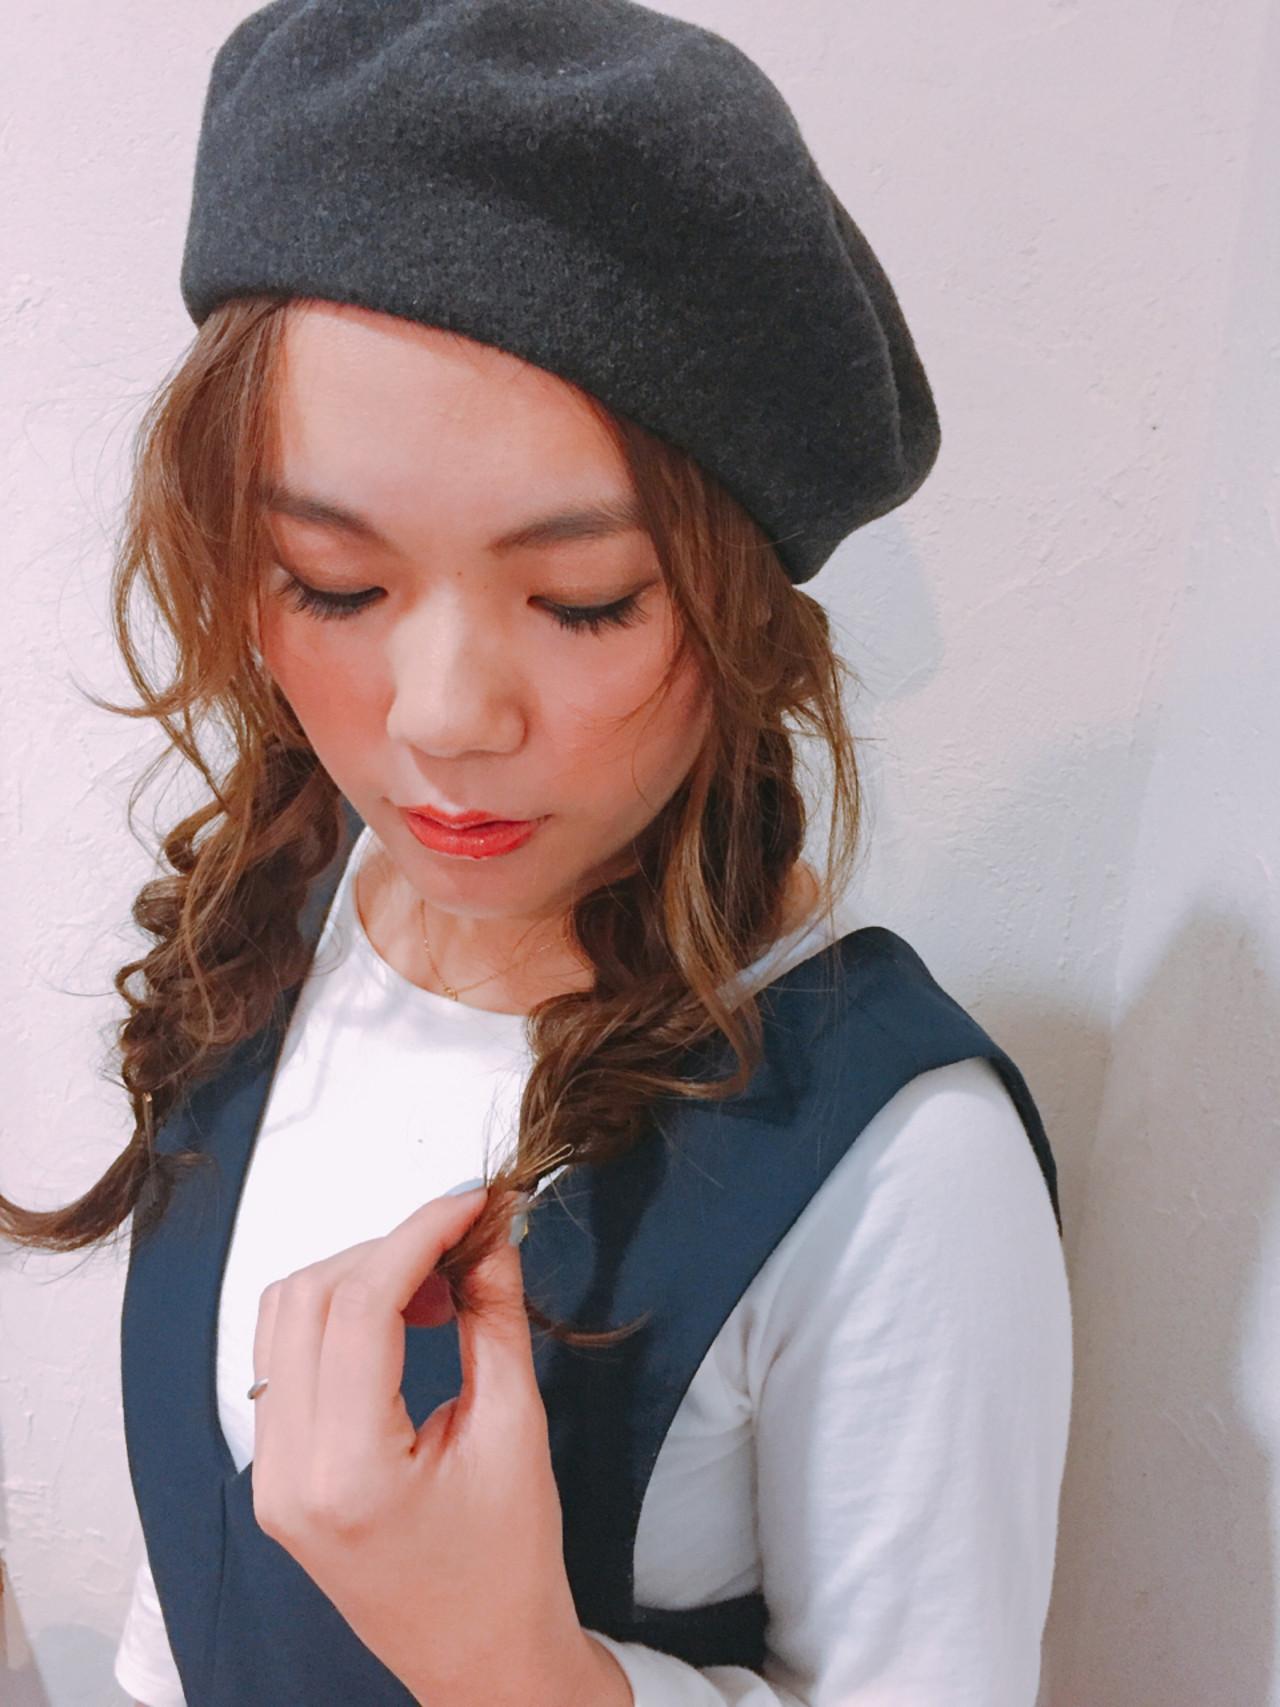 ベレー帽 編み込み ロング ナチュラル ヘアスタイルや髪型の写真・画像 | elfo きしもと / elfo